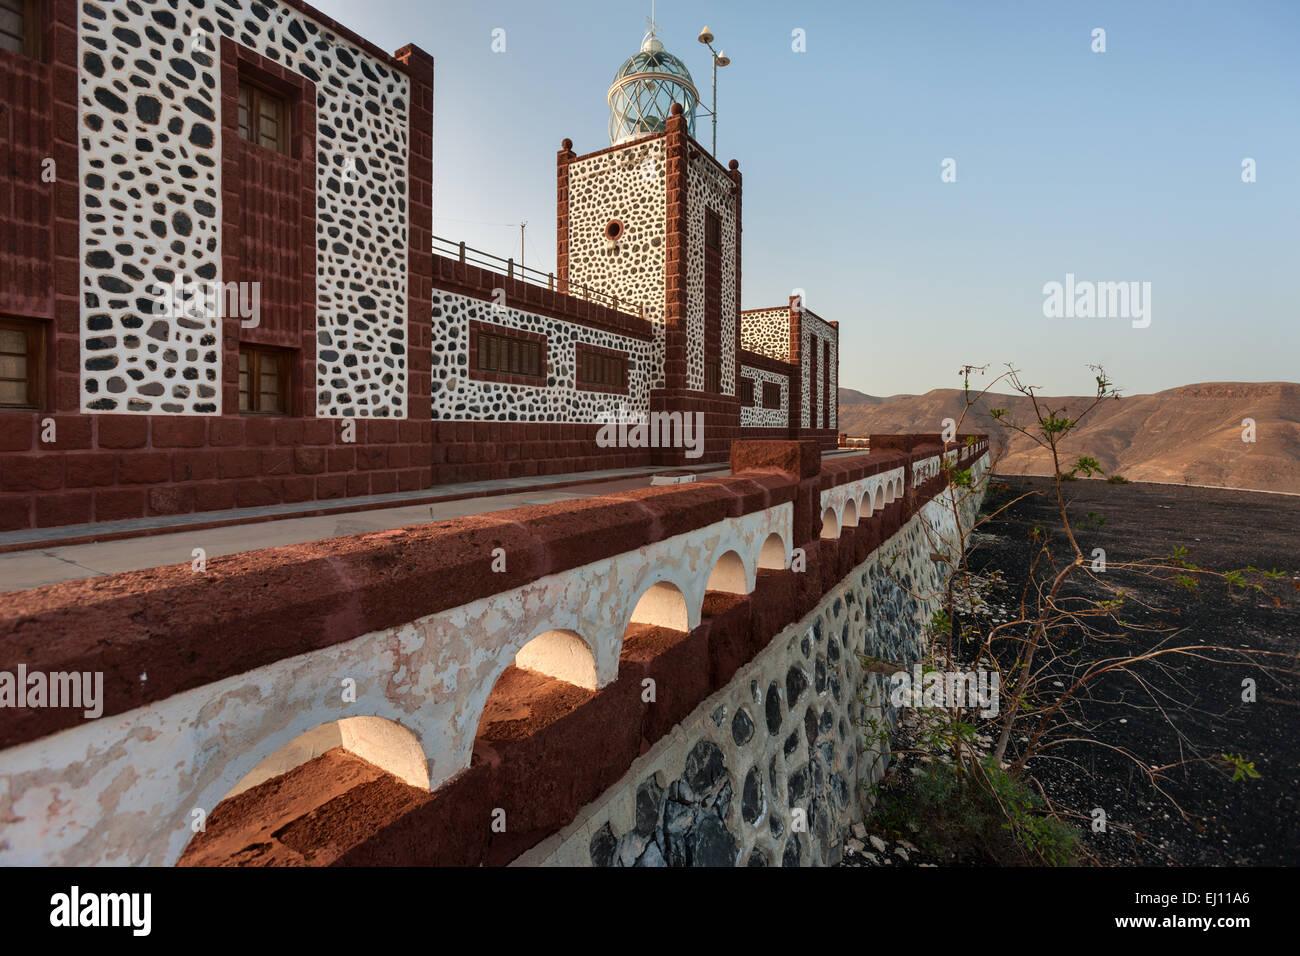 Faro de la Entellada, Spain, Europe, Canary islands, Fuerteventura, coast, lighthouse - Stock Image